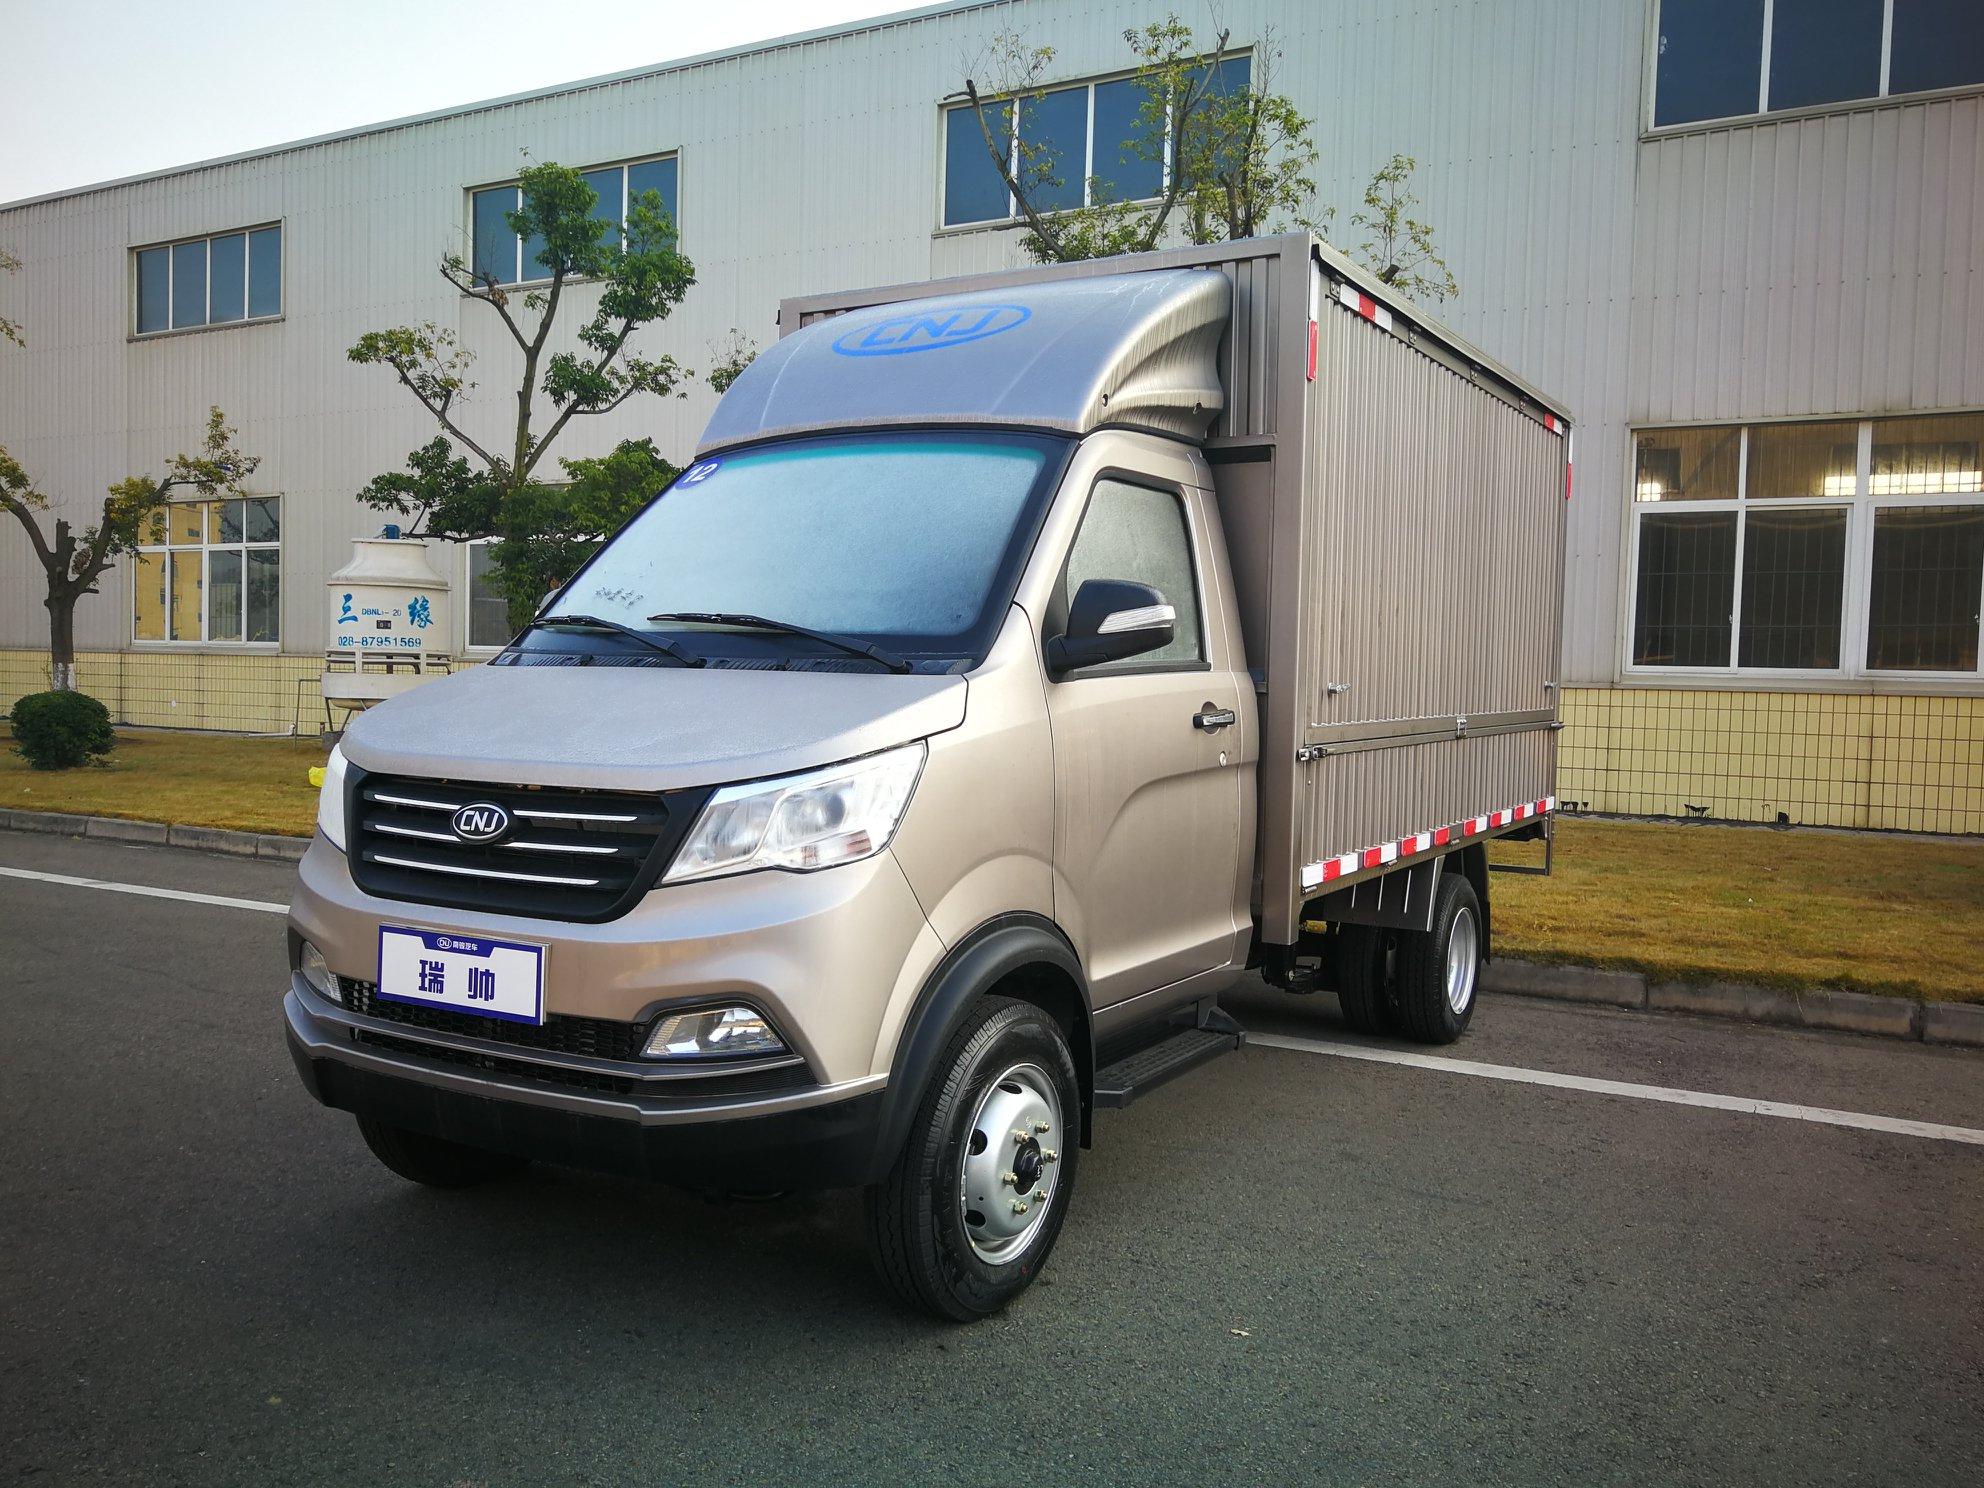 z-Cnj--kleine-vrachtwagens-1.5L-gasoline--1-8L-gasoline---CNG-2-8L-ISUZU-diesel-3